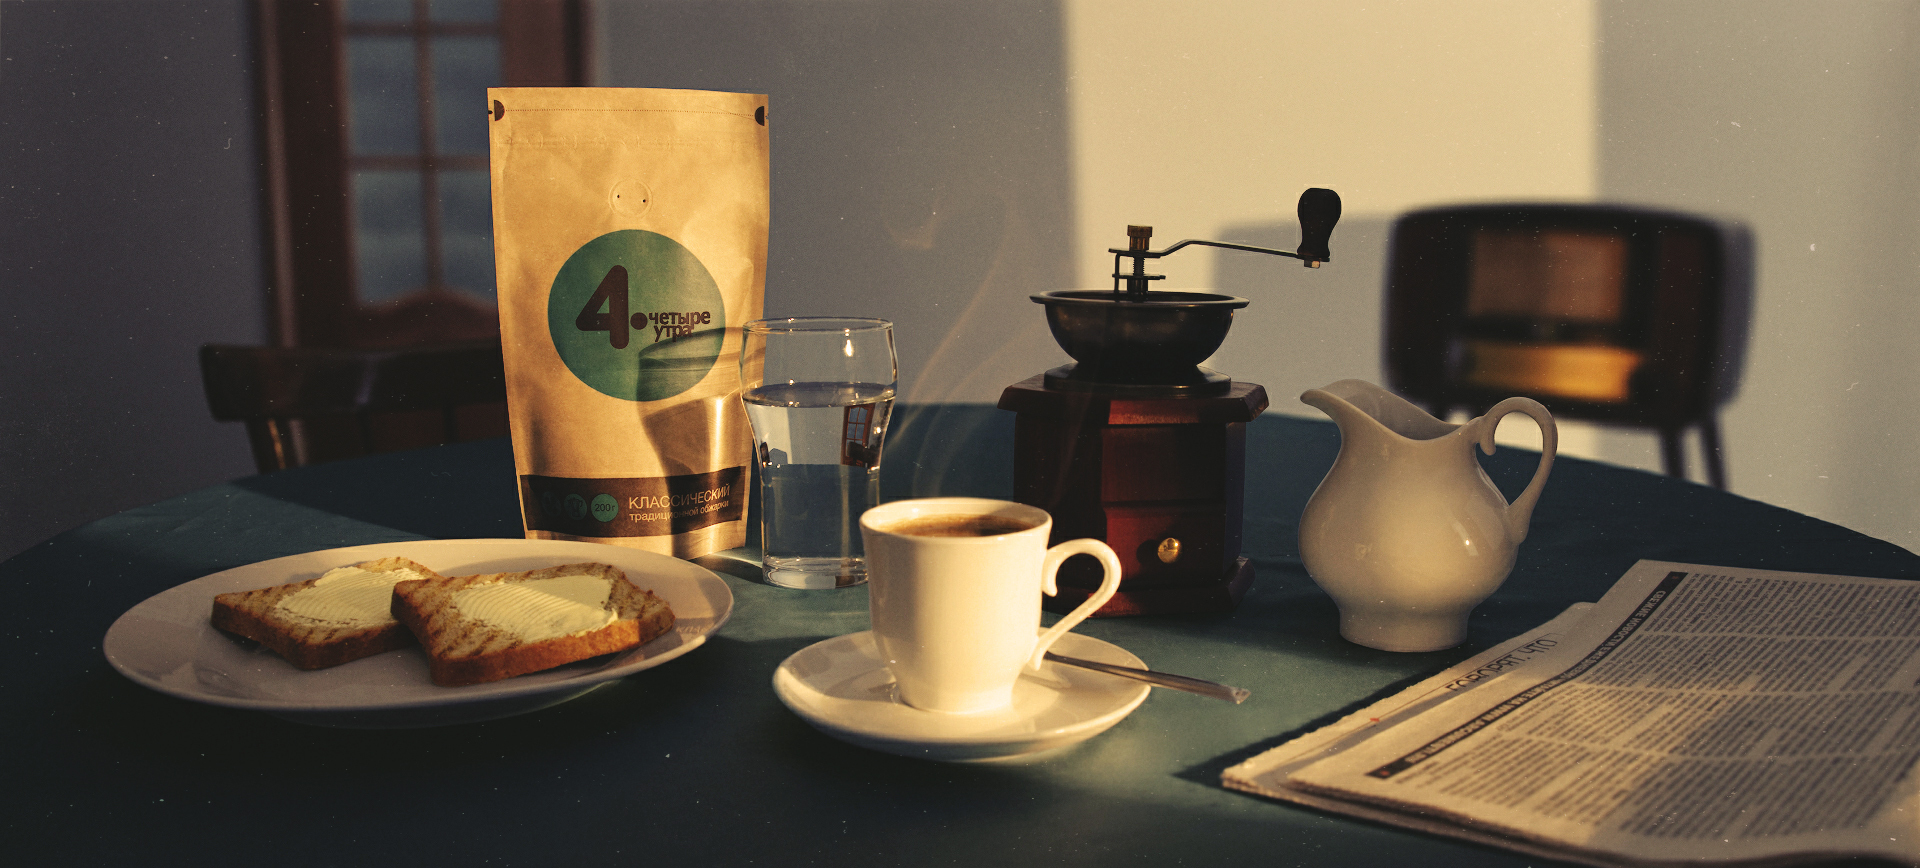 Кофе для гурманов - Ростин, 4Утра, Каффекс. Decafei. Есть кофе без кофеина. Возможен помол от производителя! Чай Lesnoy.